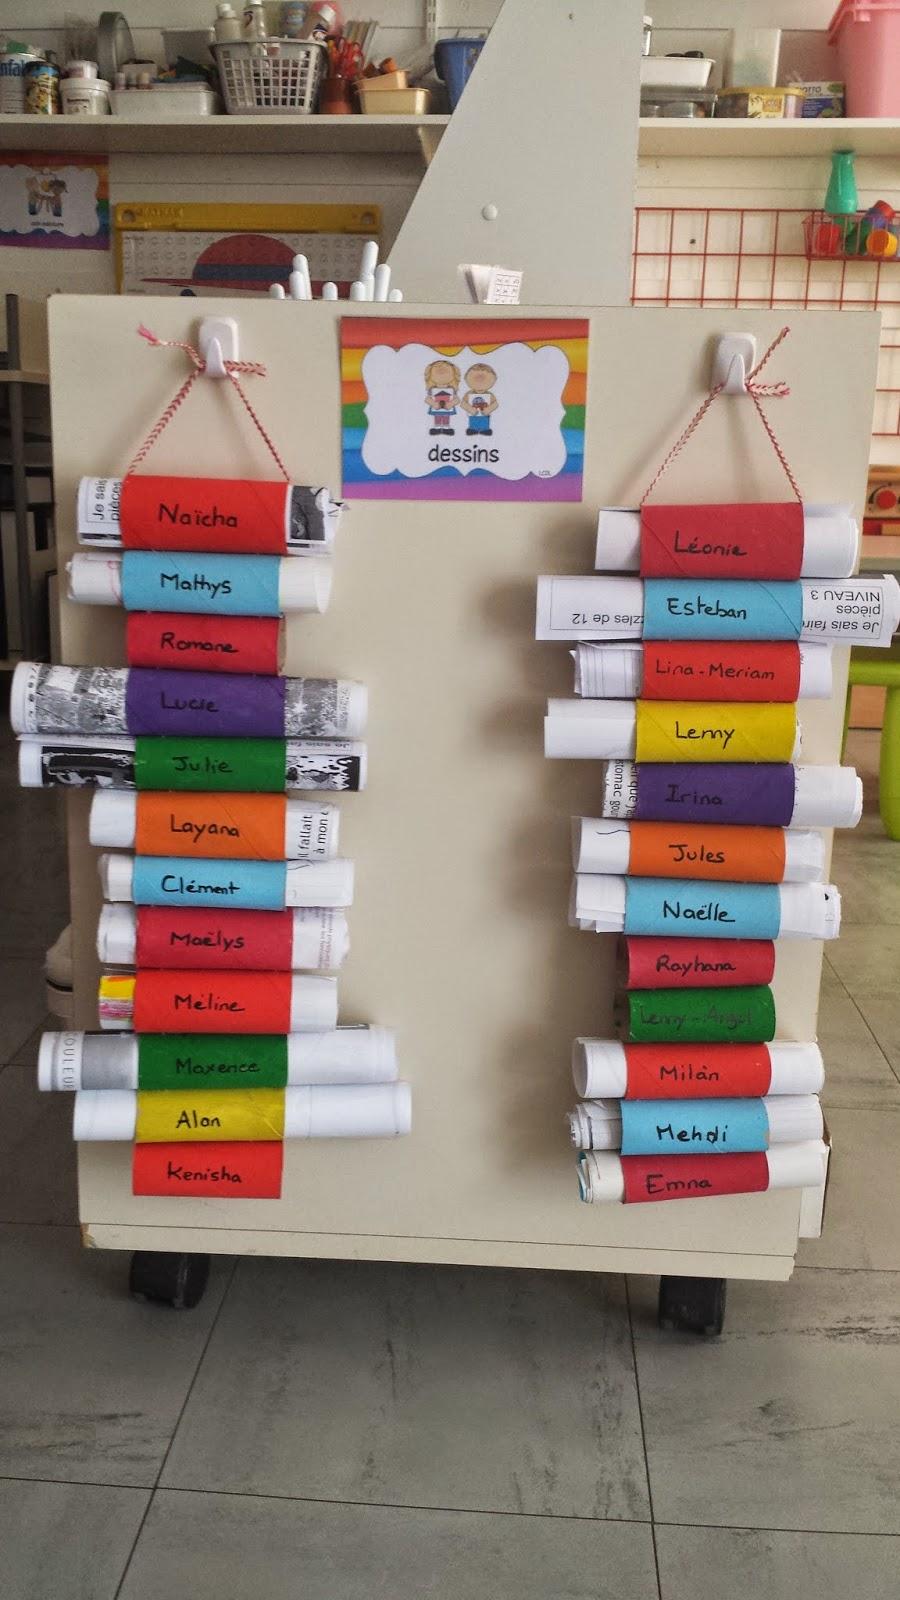 La maternelle de laur ne ranger les dessins for Range rouleau papier toilette